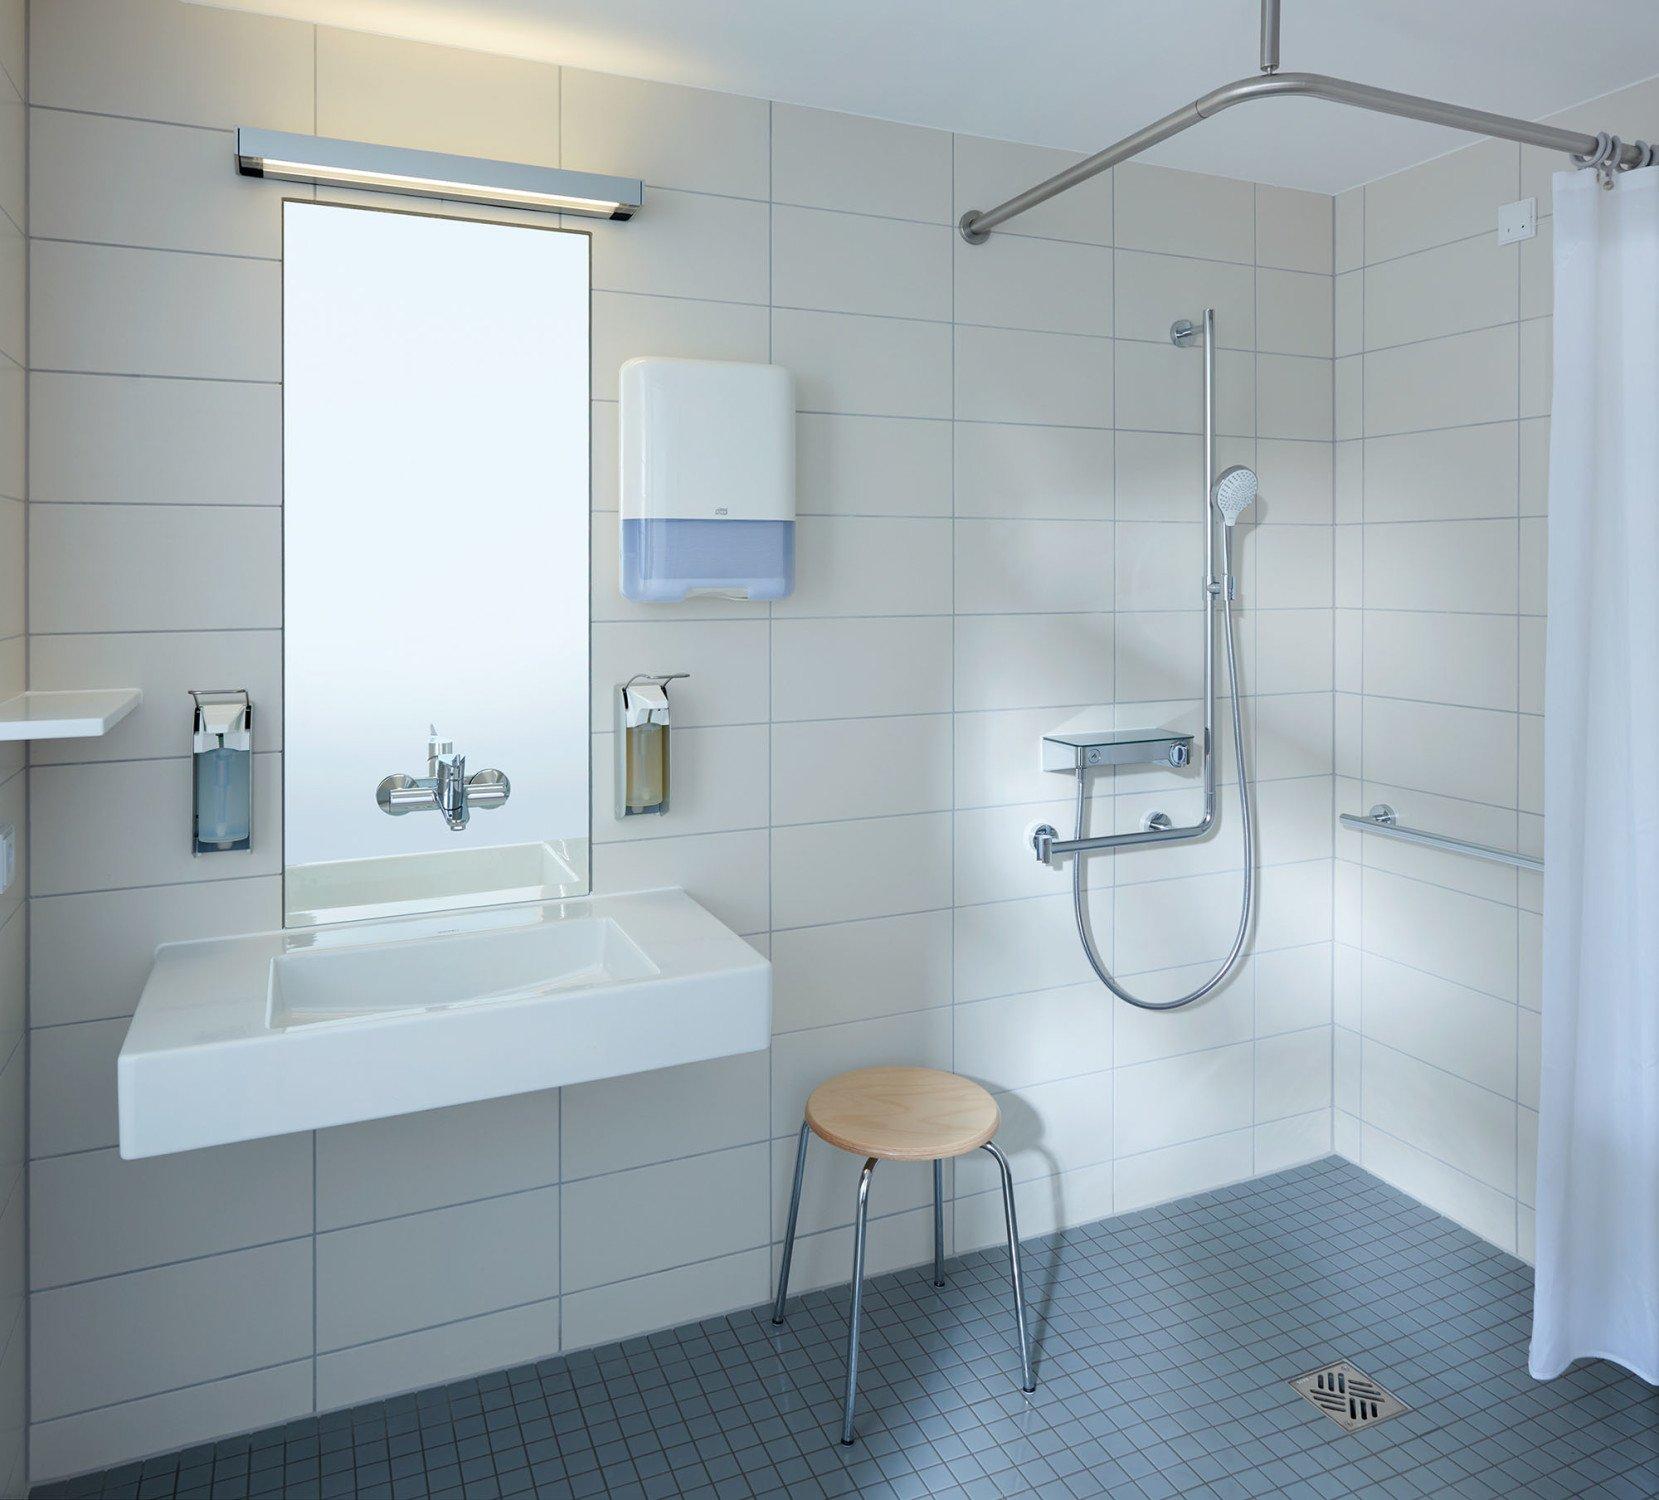 Die Armaturen Am Waschtisch Und In Der Dusche Erleichtern Die  Selbstständige Körperpflege Der Patienten